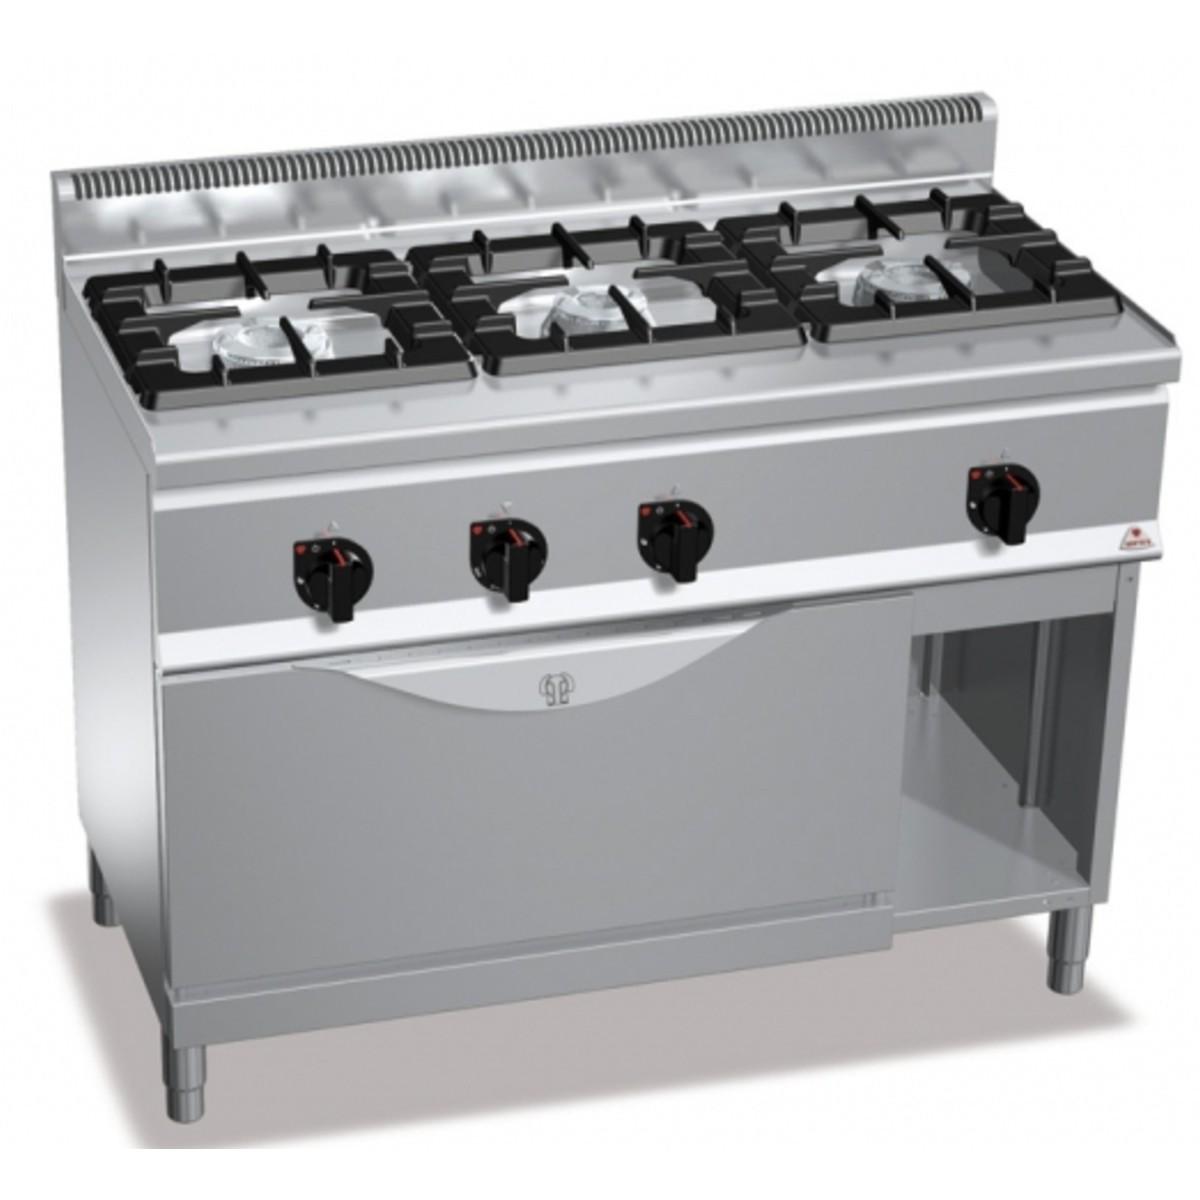 Cocina a gas 3 fuegos horno industrial 1200x600 rog6f3bh12 t for Cocina 6 fuegos industrial